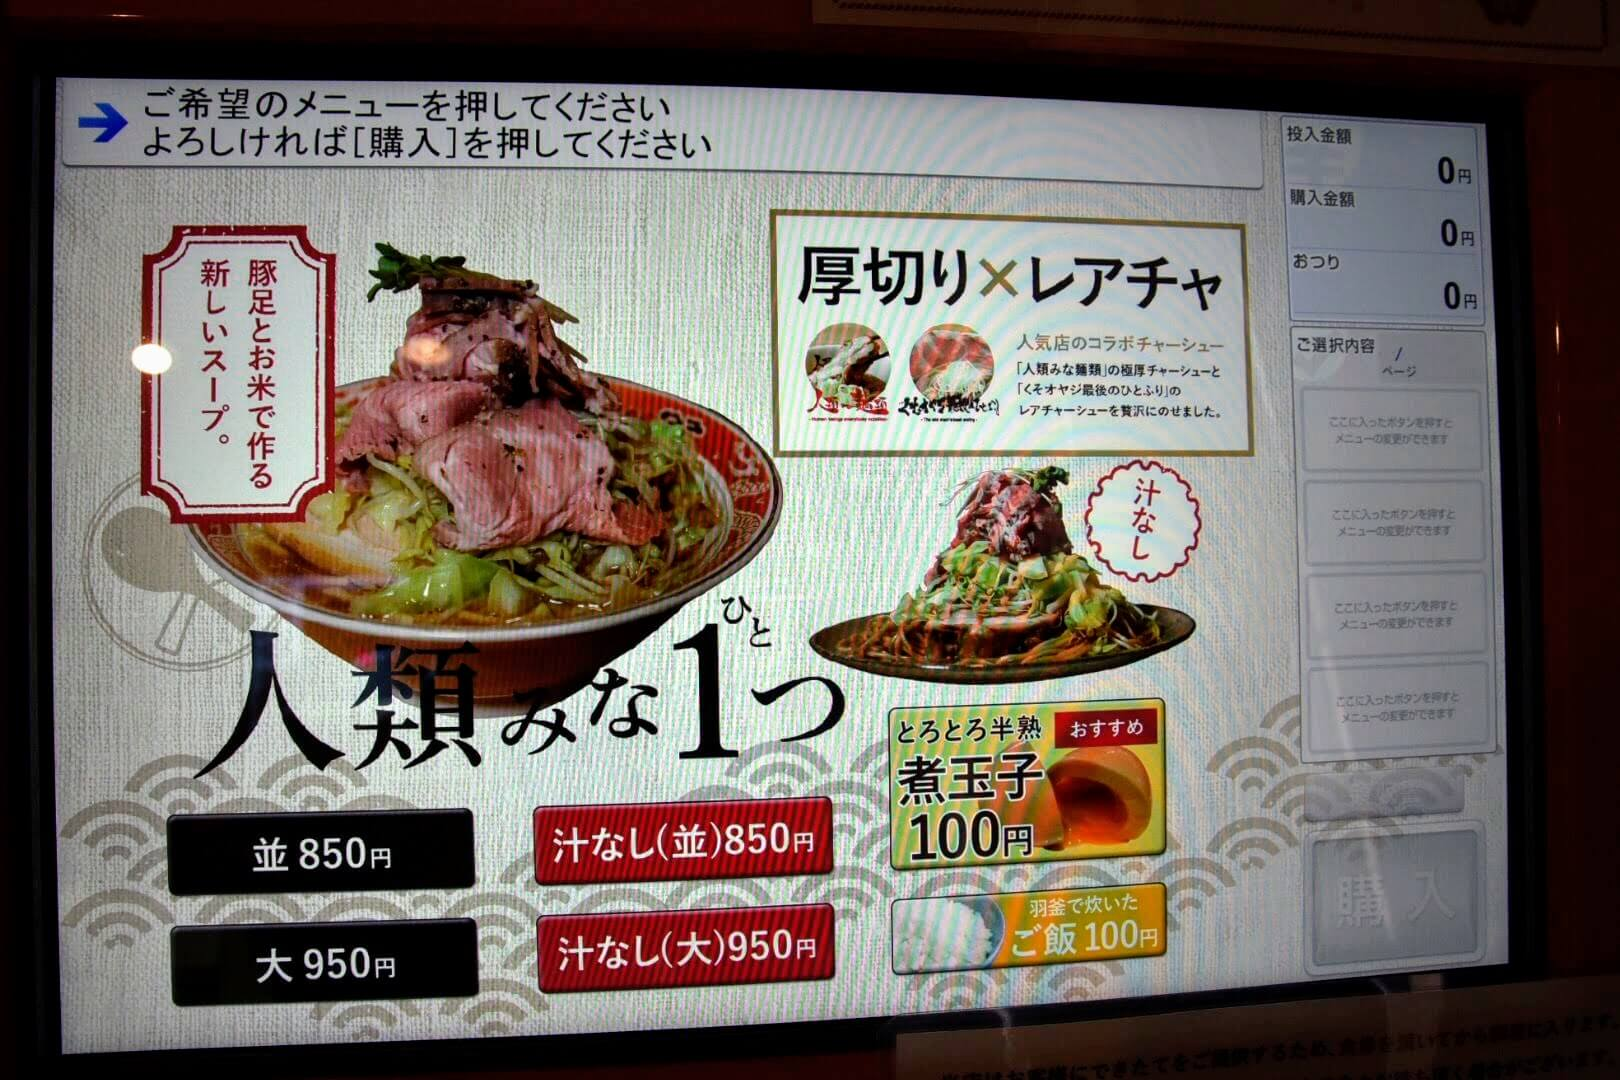 人類みな飯類の食券機のディスプレイ画面